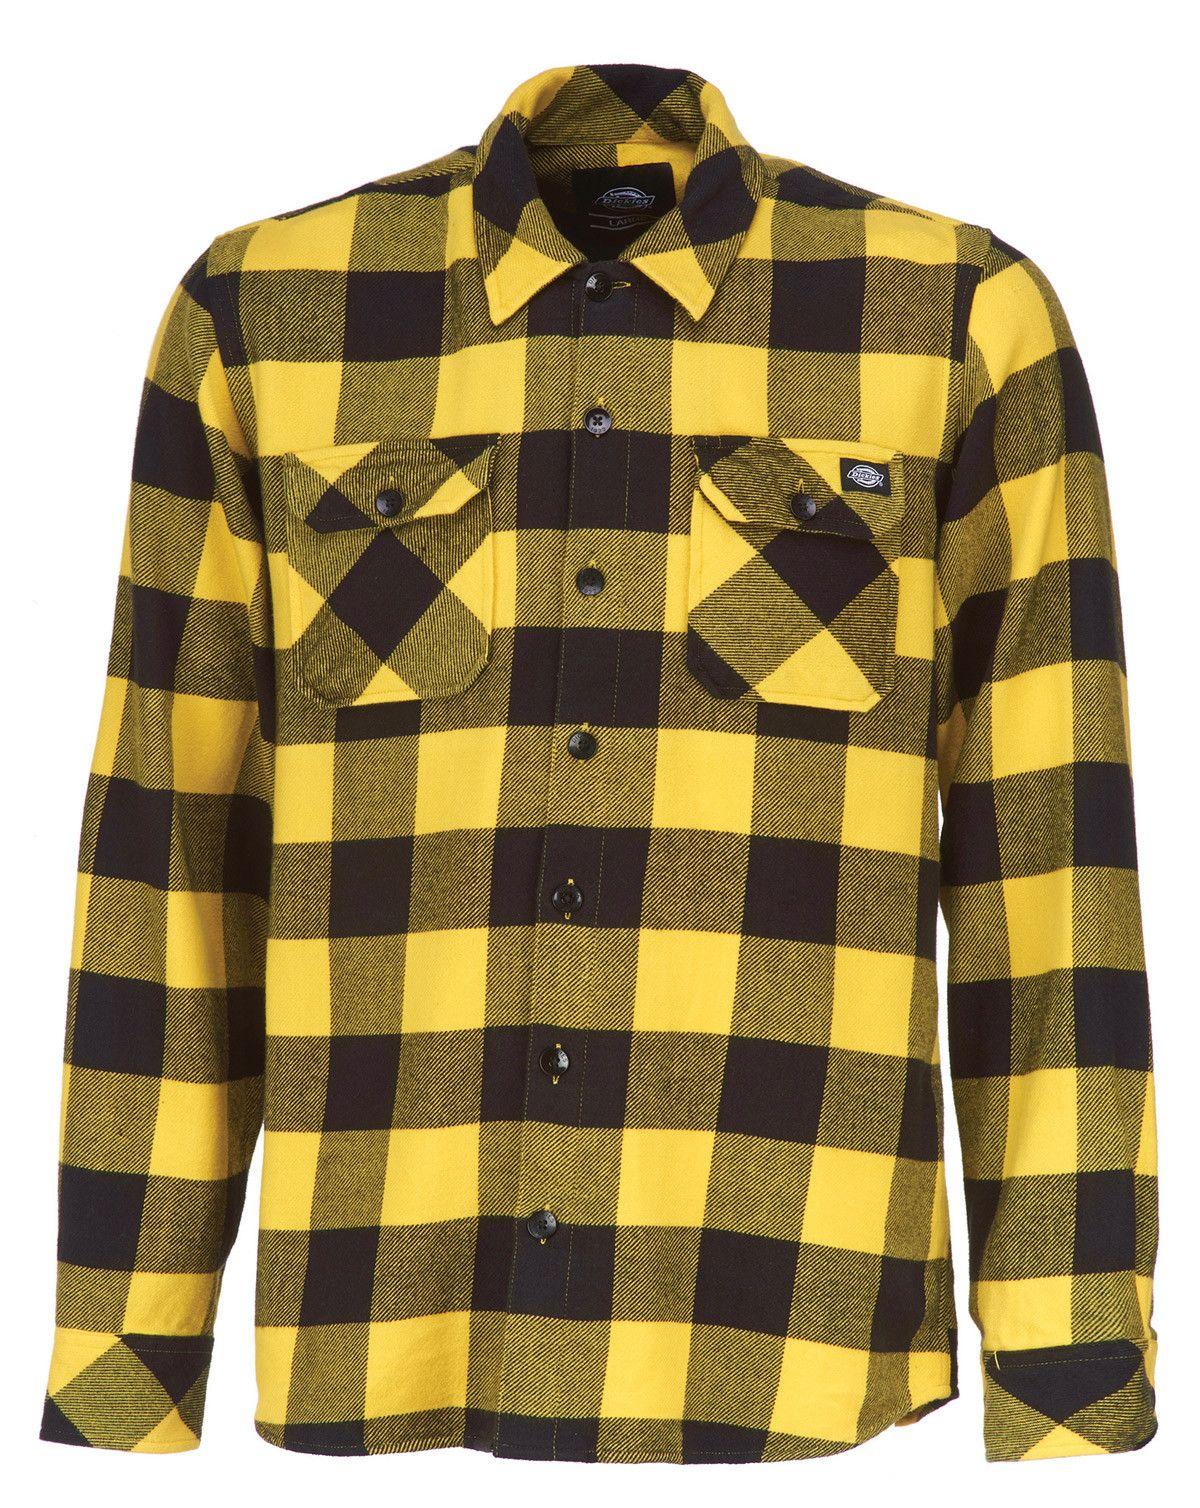 dickies-sacramento-langaermet-skjorte_520142ylxs1.jpg